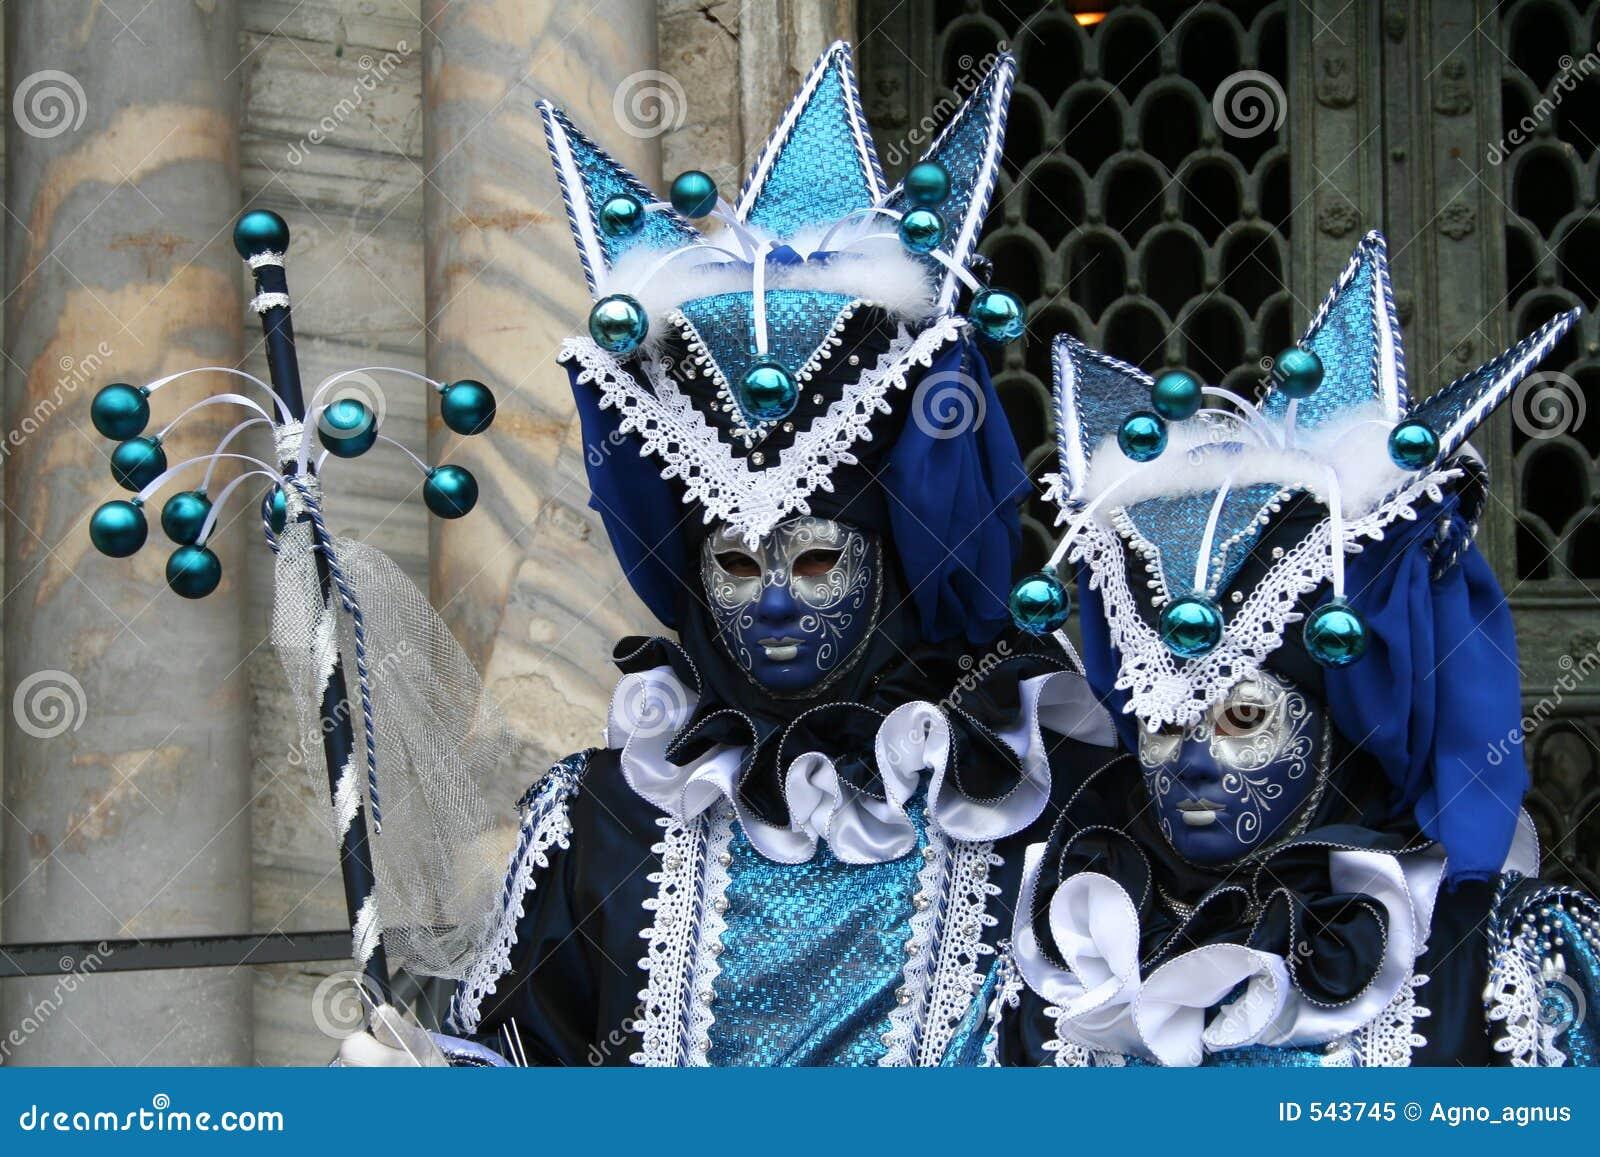 Máscara - carnaval - Veneza - Italy